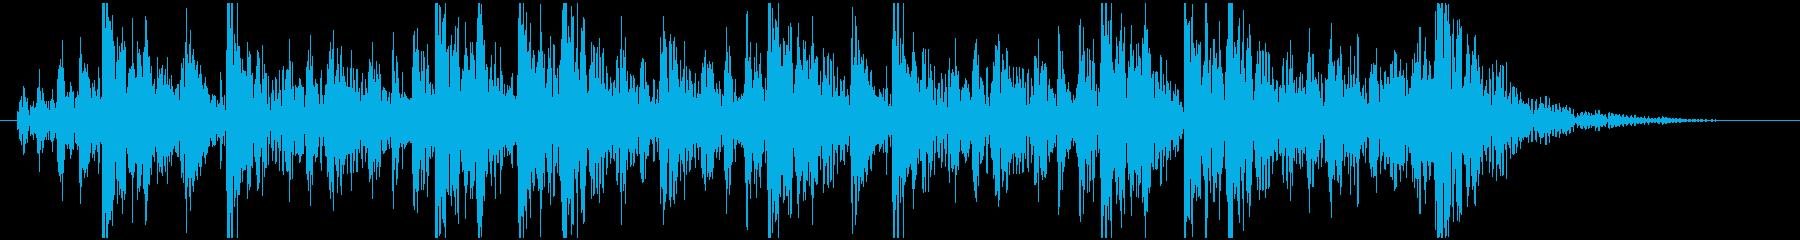 和太鼓の連打の間合いに鳴る拍子木の再生済みの波形